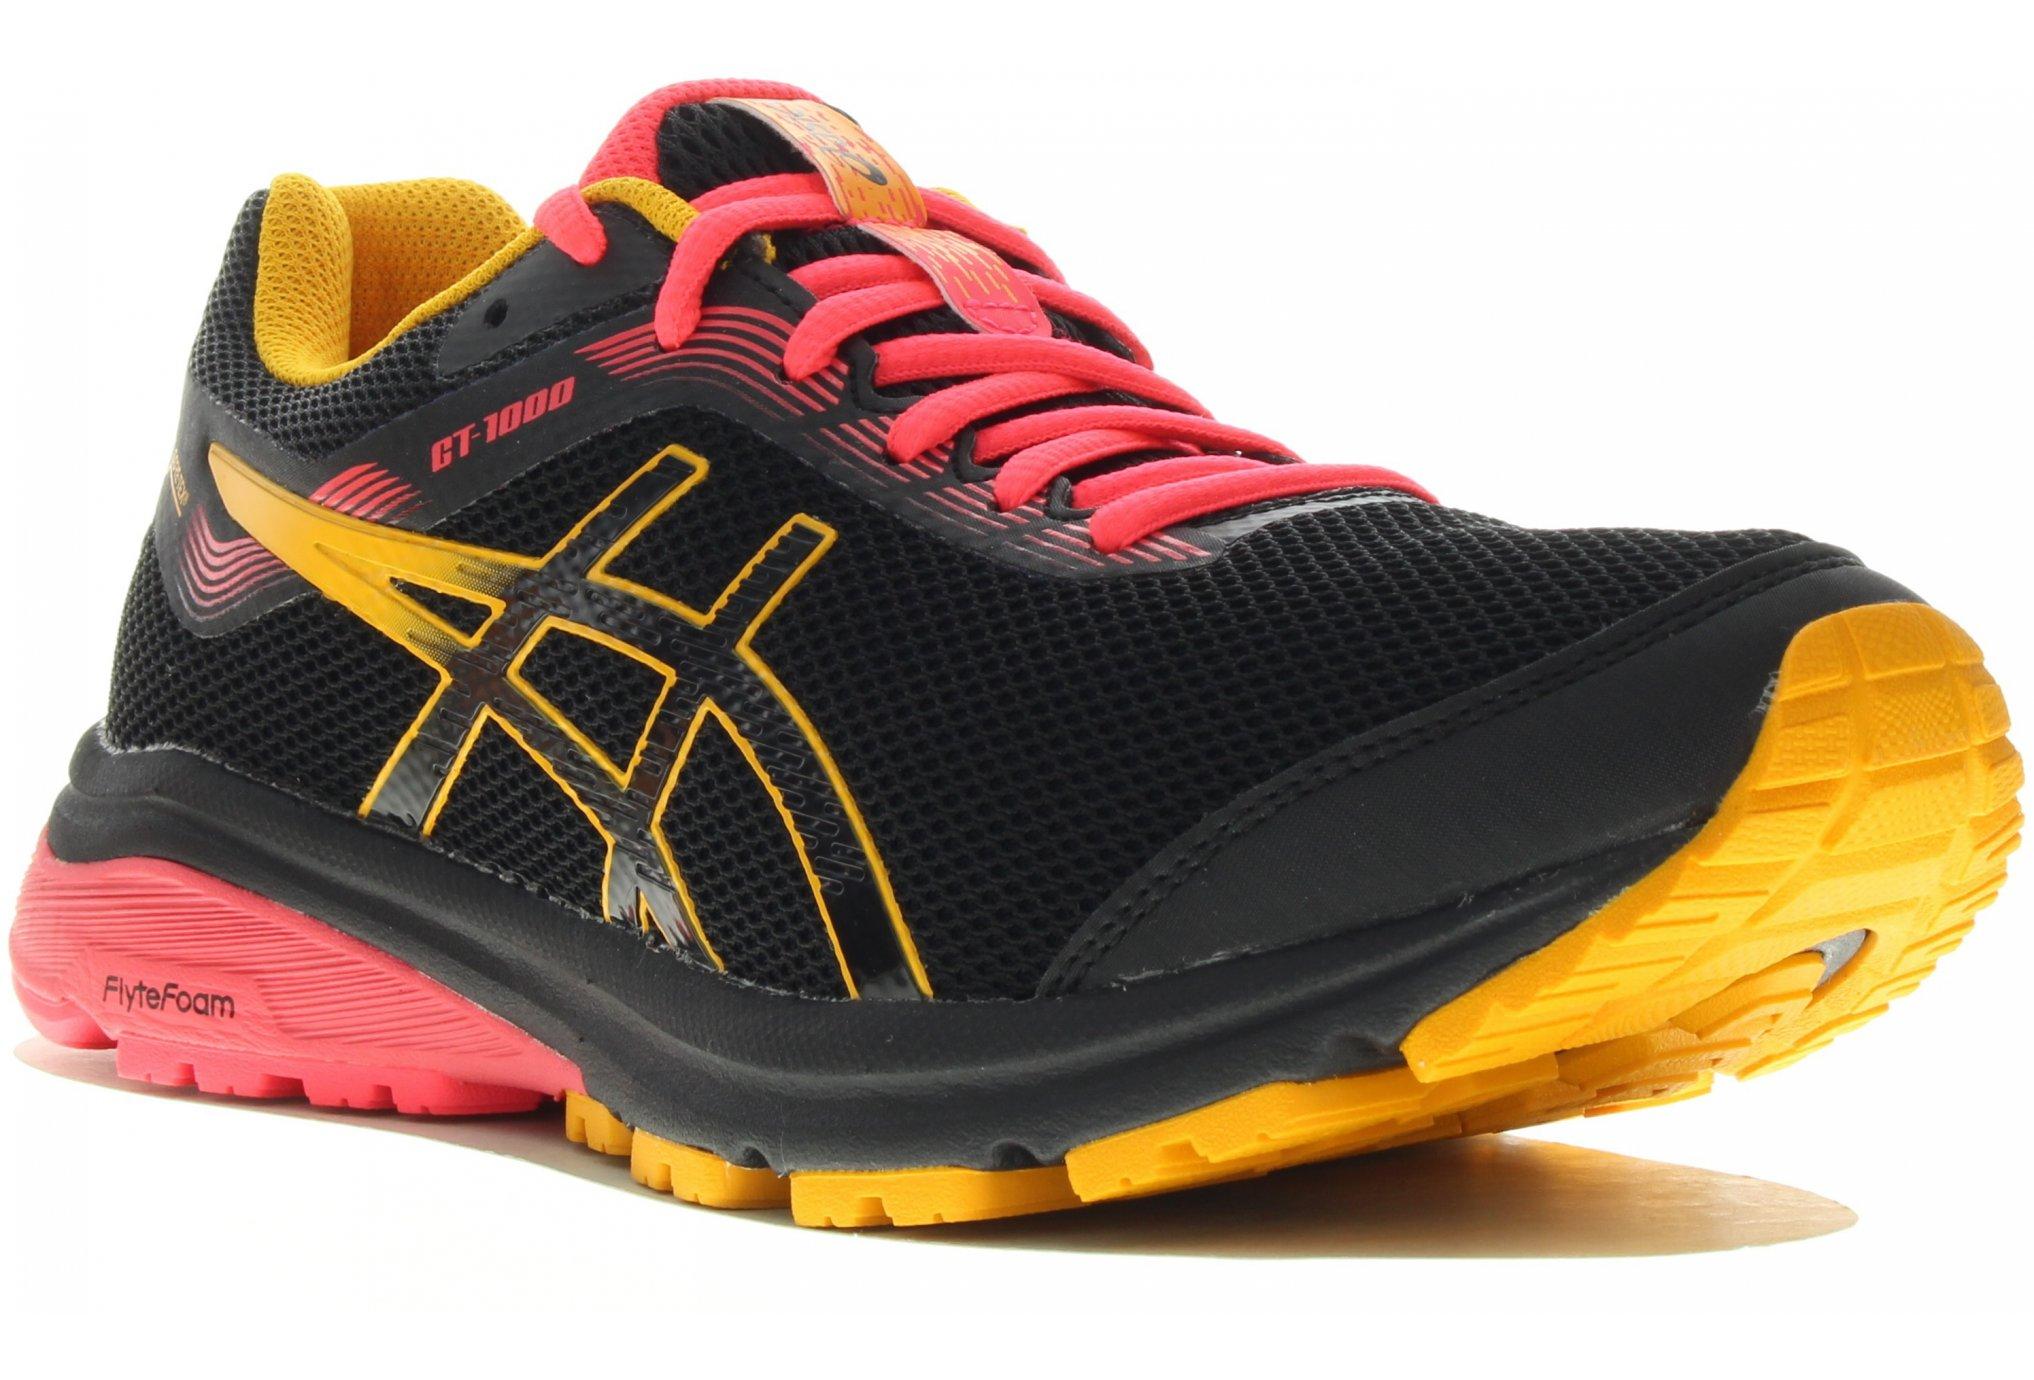 Asics GT-1000 7 Gore-Tex Chaussures running femme